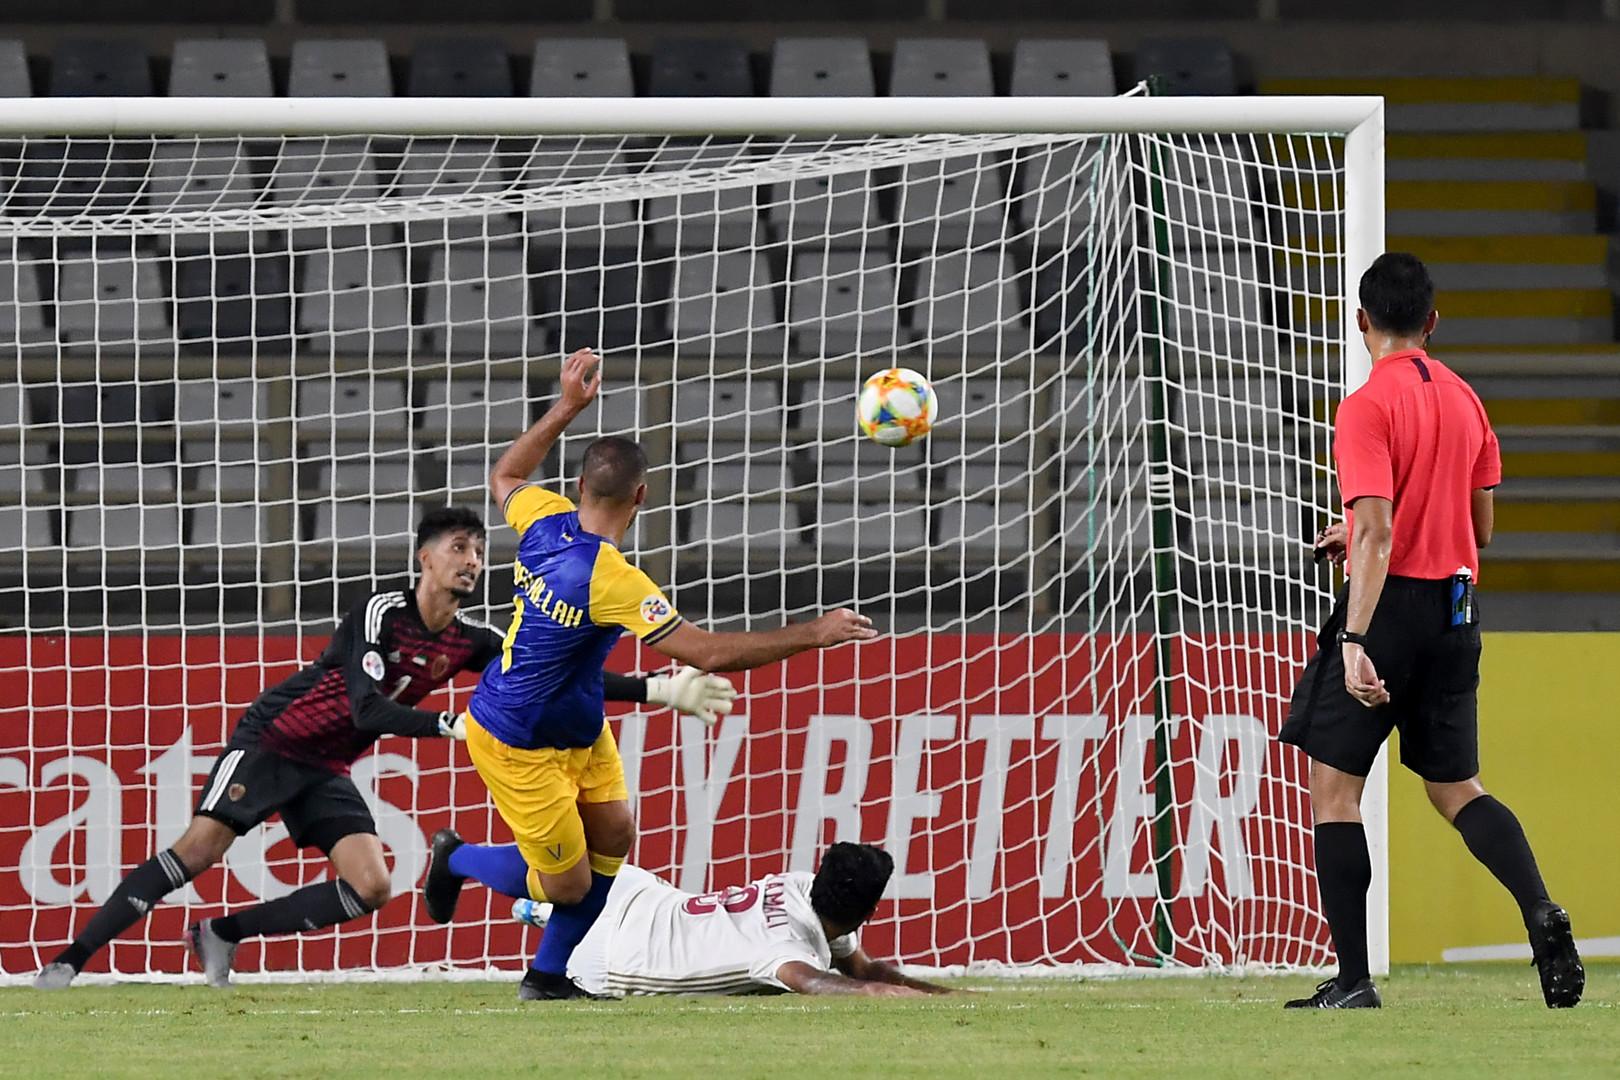 أبطال آسيا.. النصر يهزم الوحدة ويتأهل إلى ربع النهائي للمرة الأولى في تاريخه